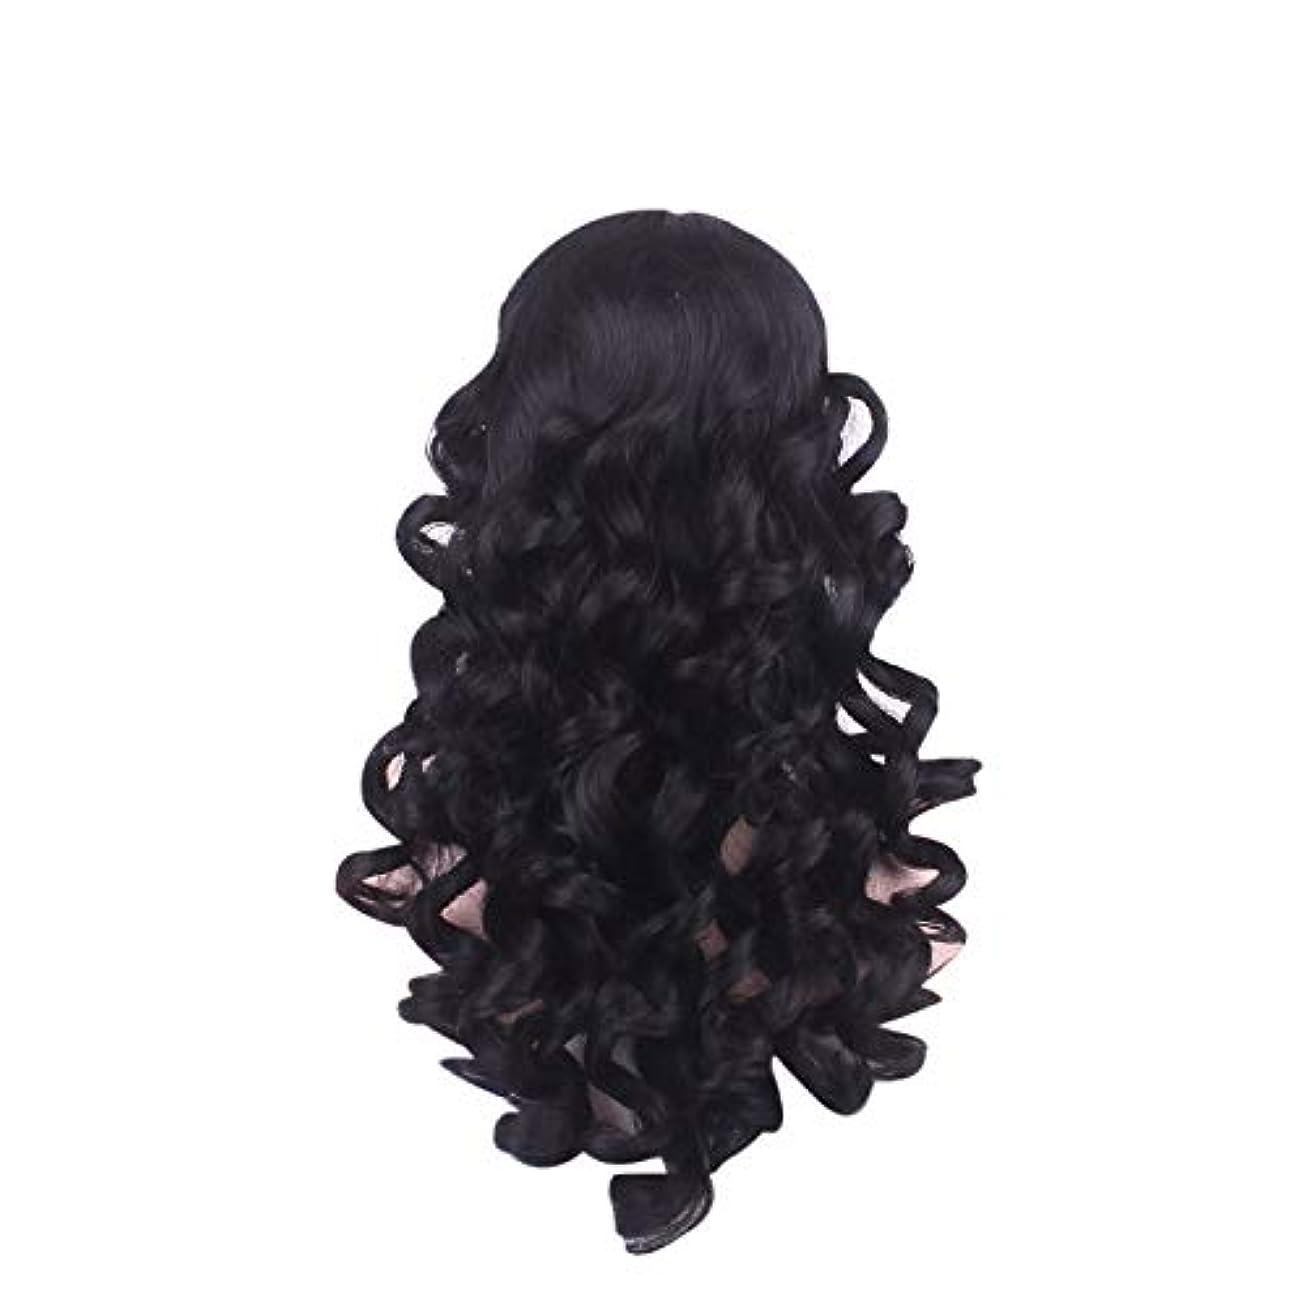 補うお勧め卵女性の長い巻き毛のファッションかつらローズネット65 cm